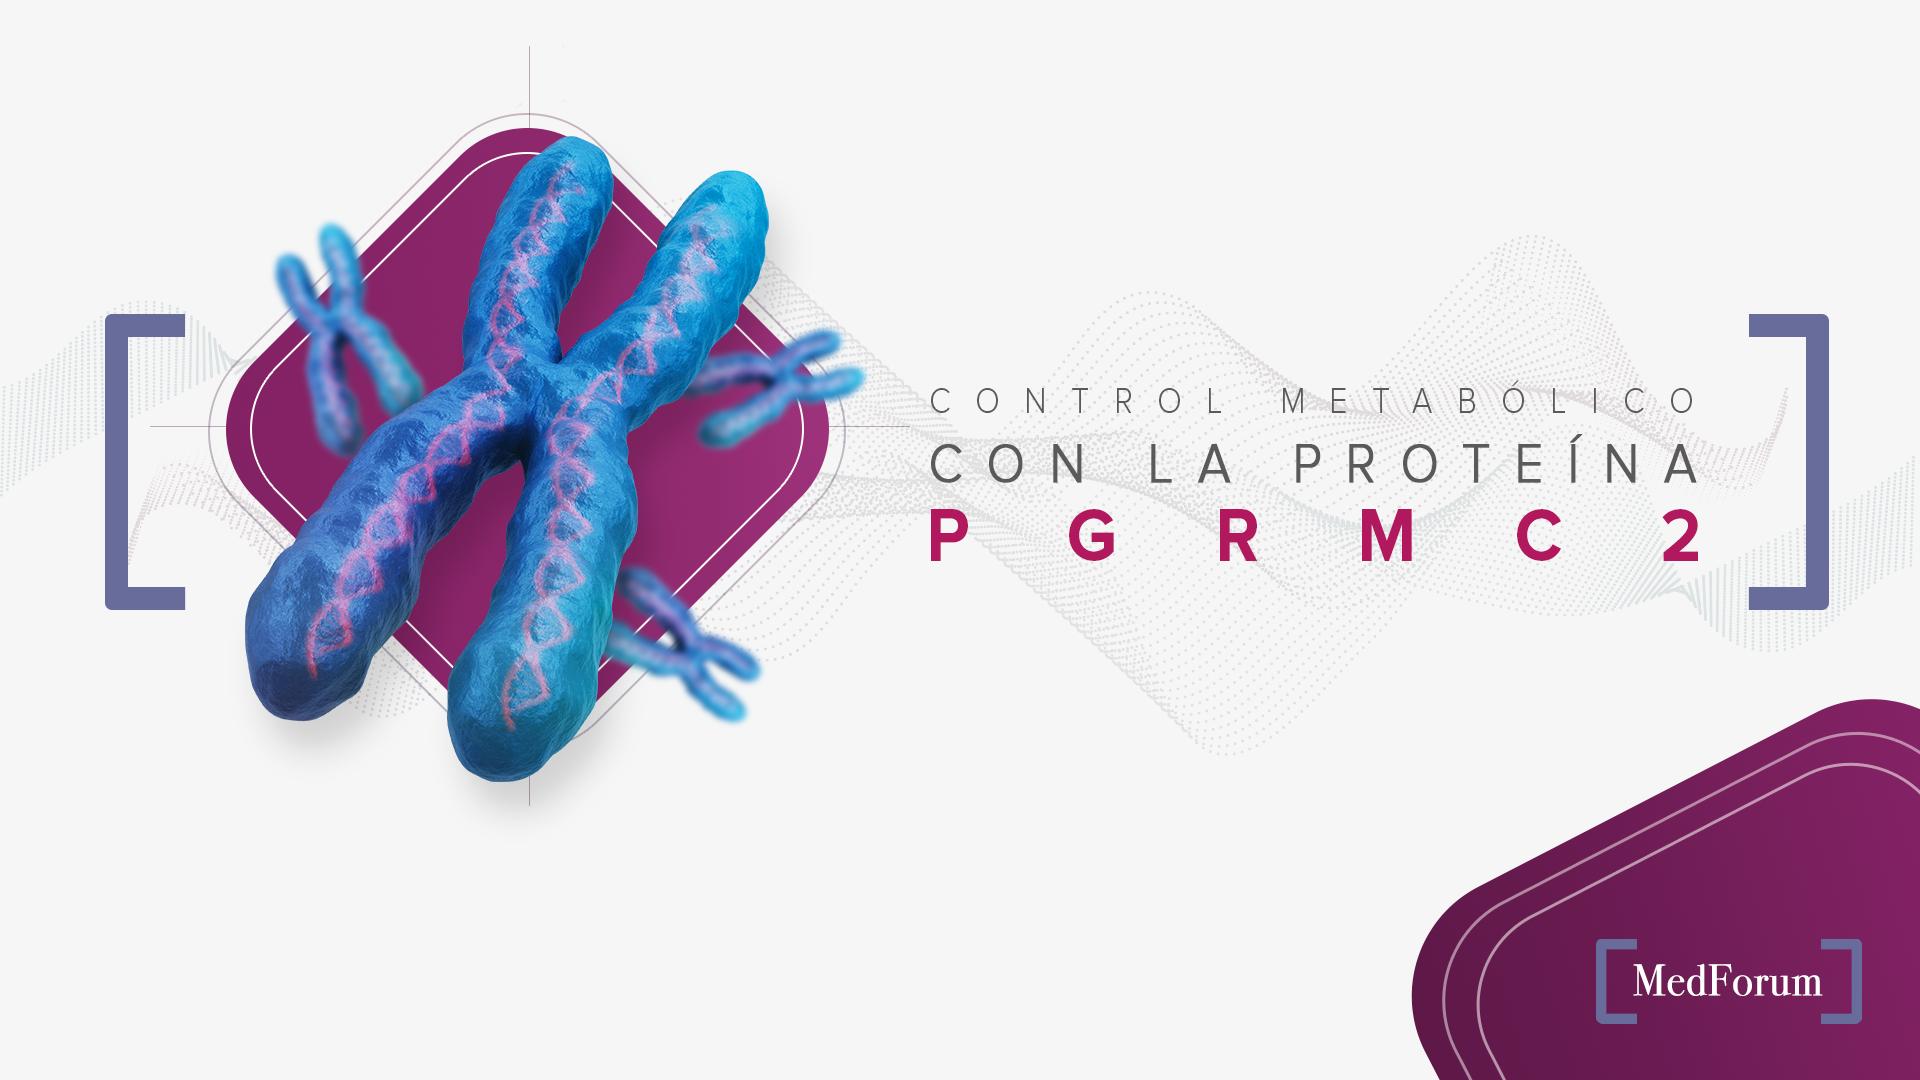 Control metabólico con la proteína PGRMC2